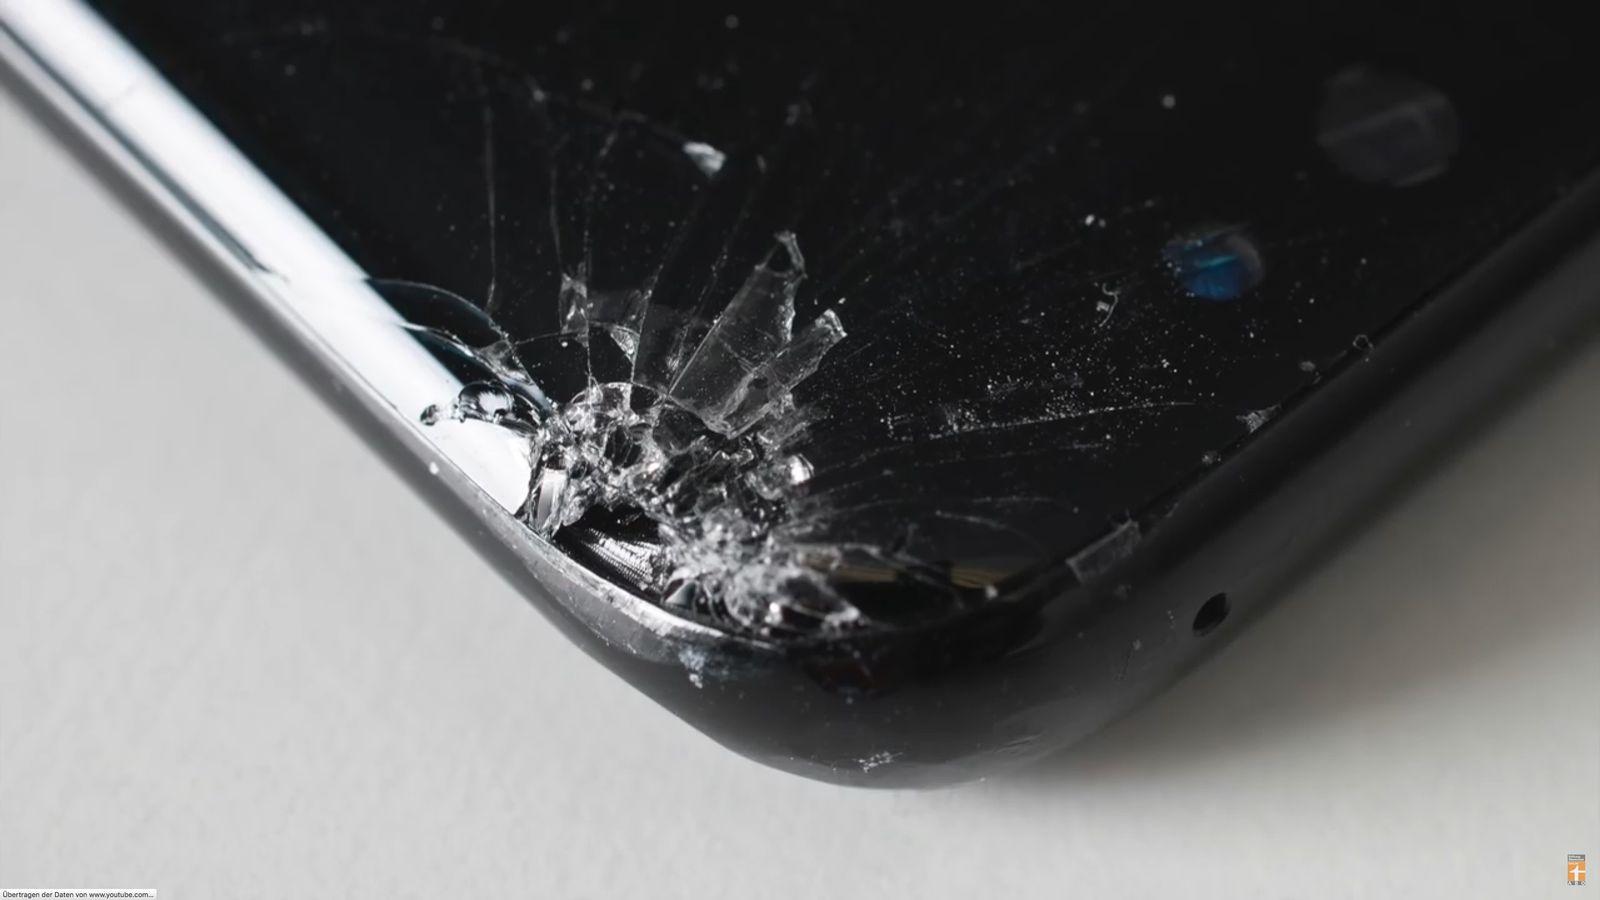 NUR ALS ZITAT Screenshot Stiftung Warentest Galaxy S8